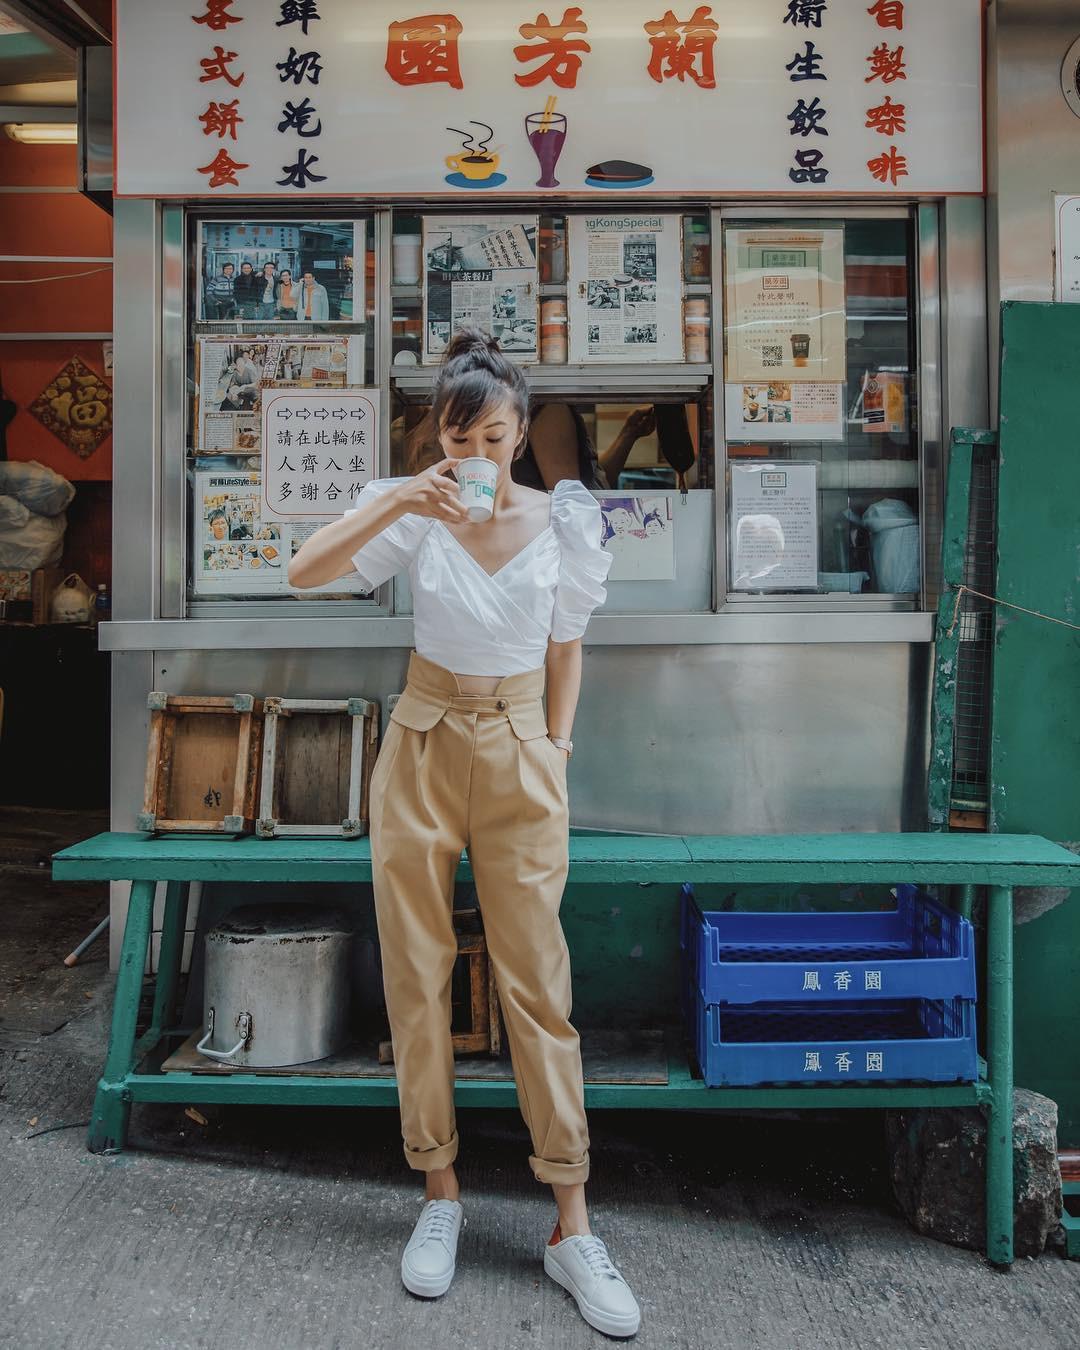 Mũ cói chống nắng được các quý cô Châu Á sử dụng làm phụ kiện sống ảo trong street style tuần này - Ảnh 9.